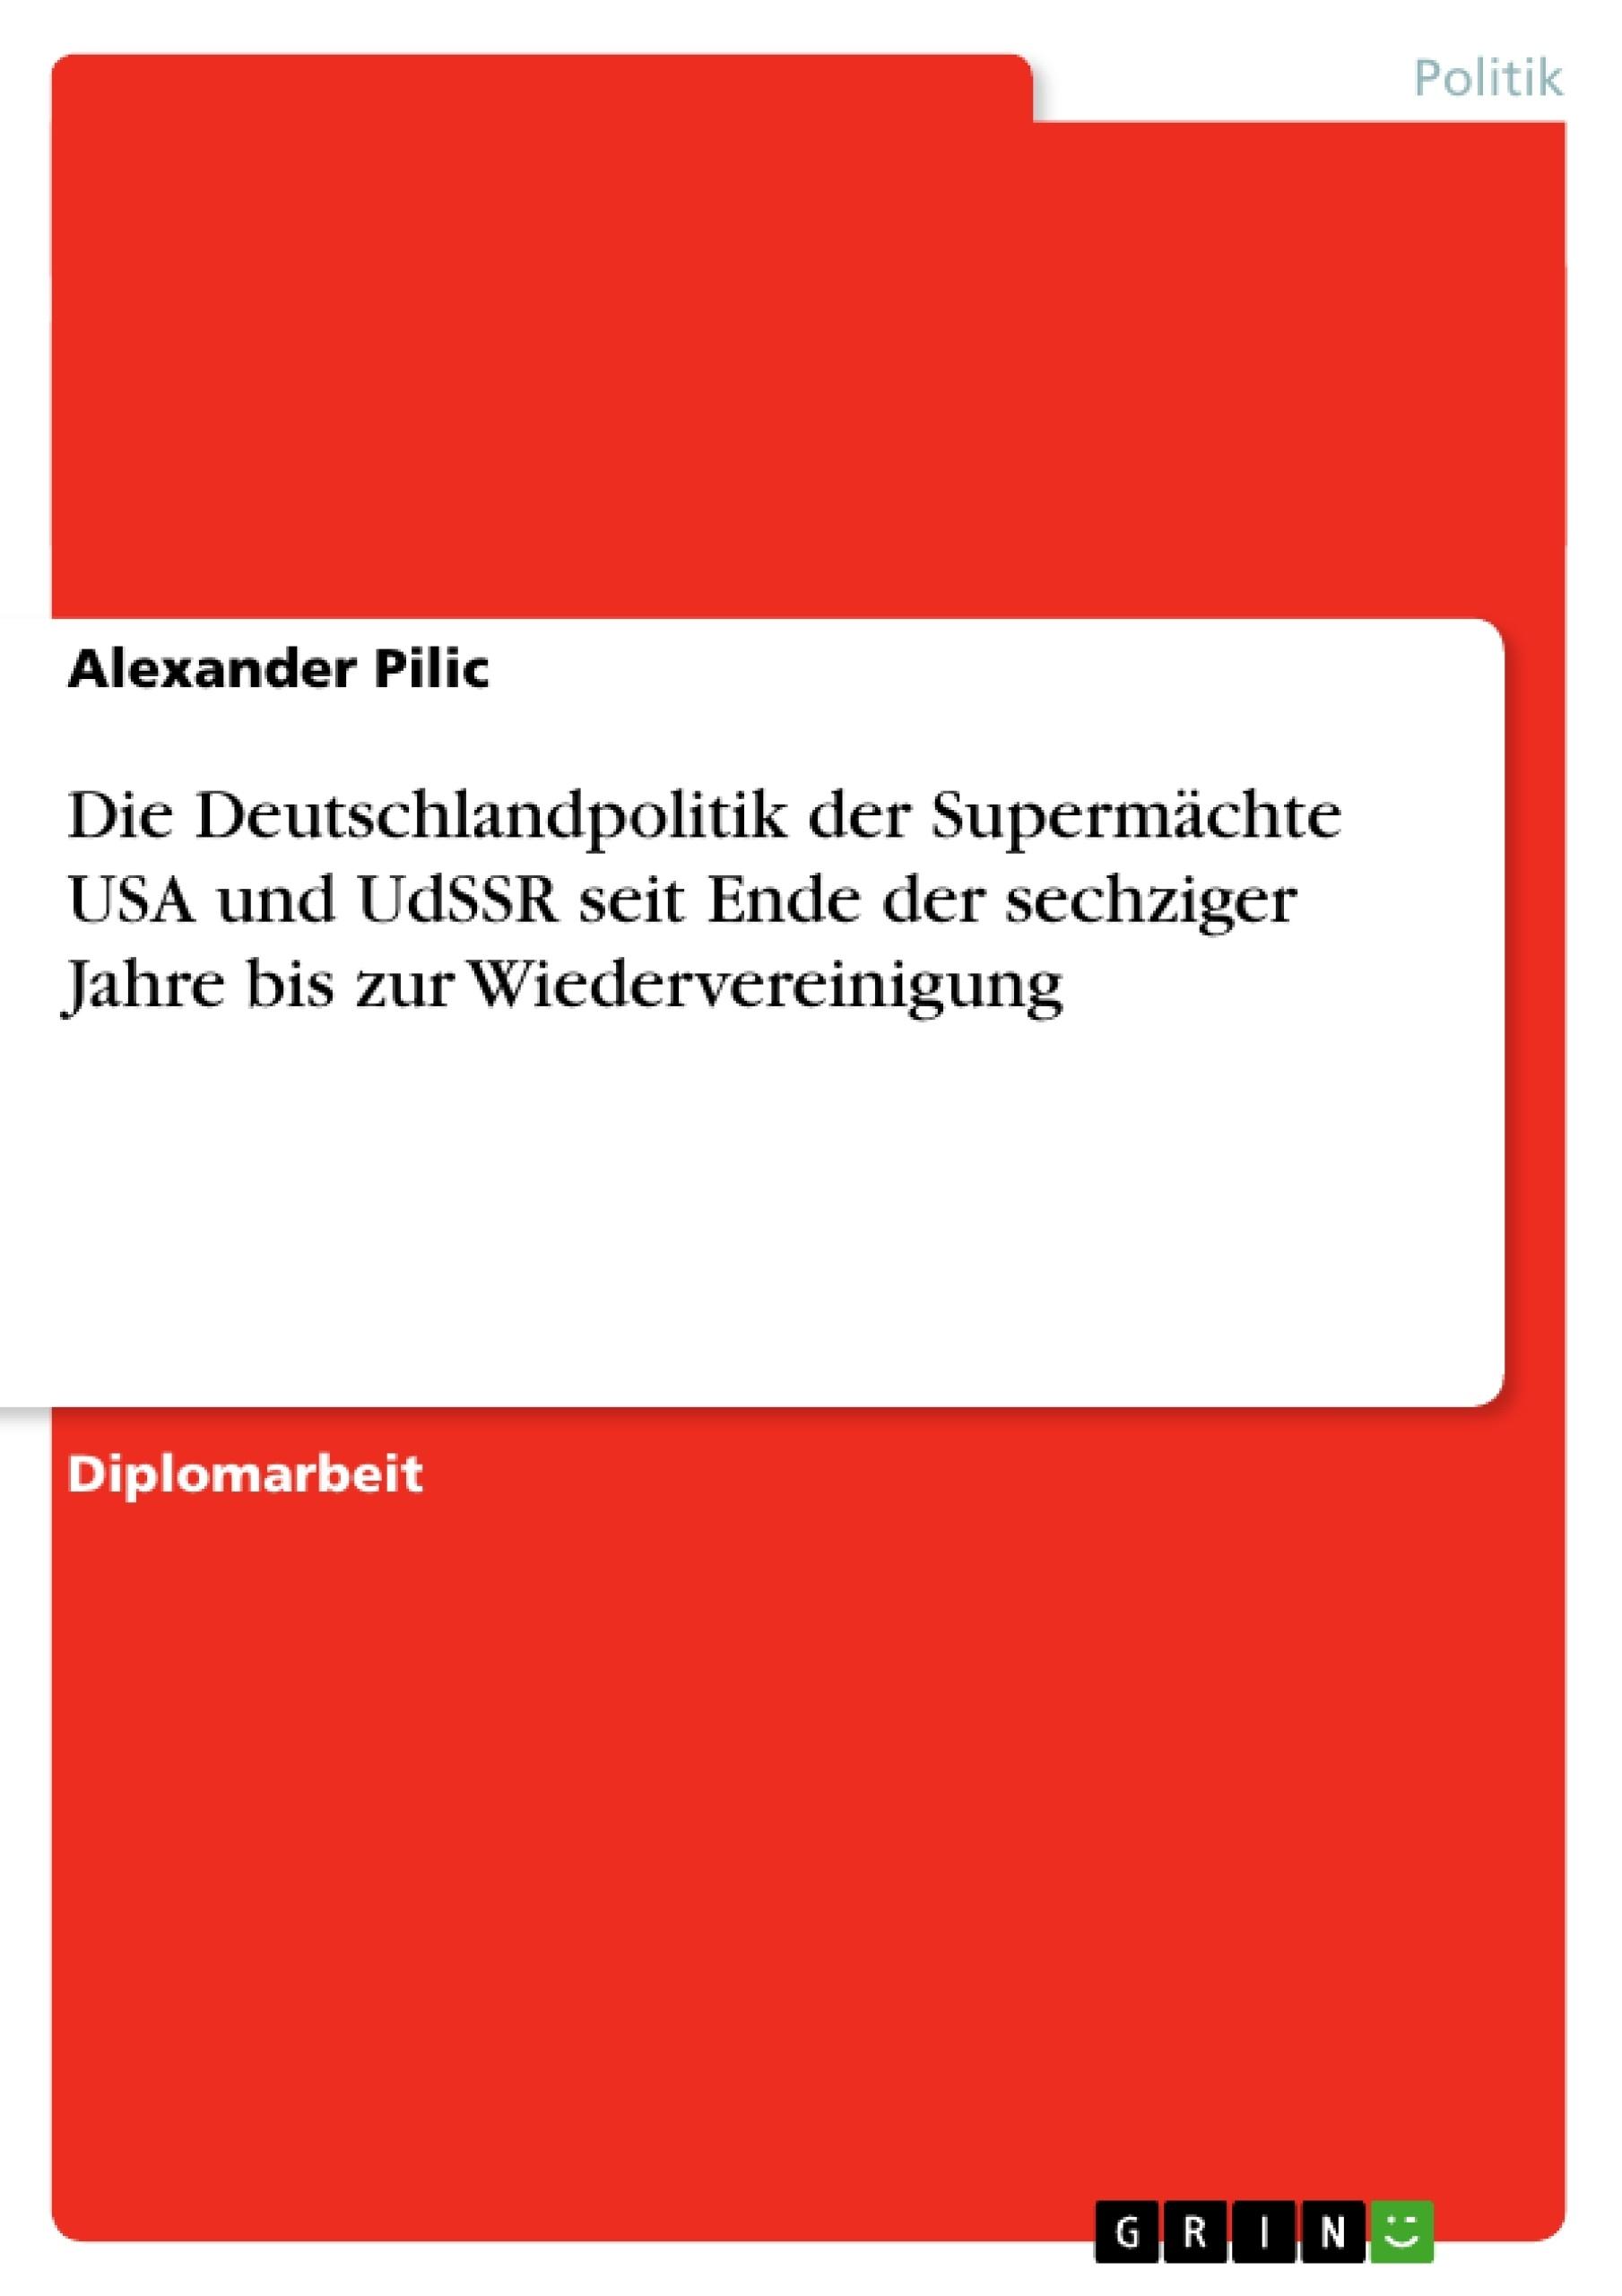 Titel: Die Deutschlandpolitik der Supermächte USA und UdSSR seit Ende der sechziger Jahre bis zur Wiedervereinigung